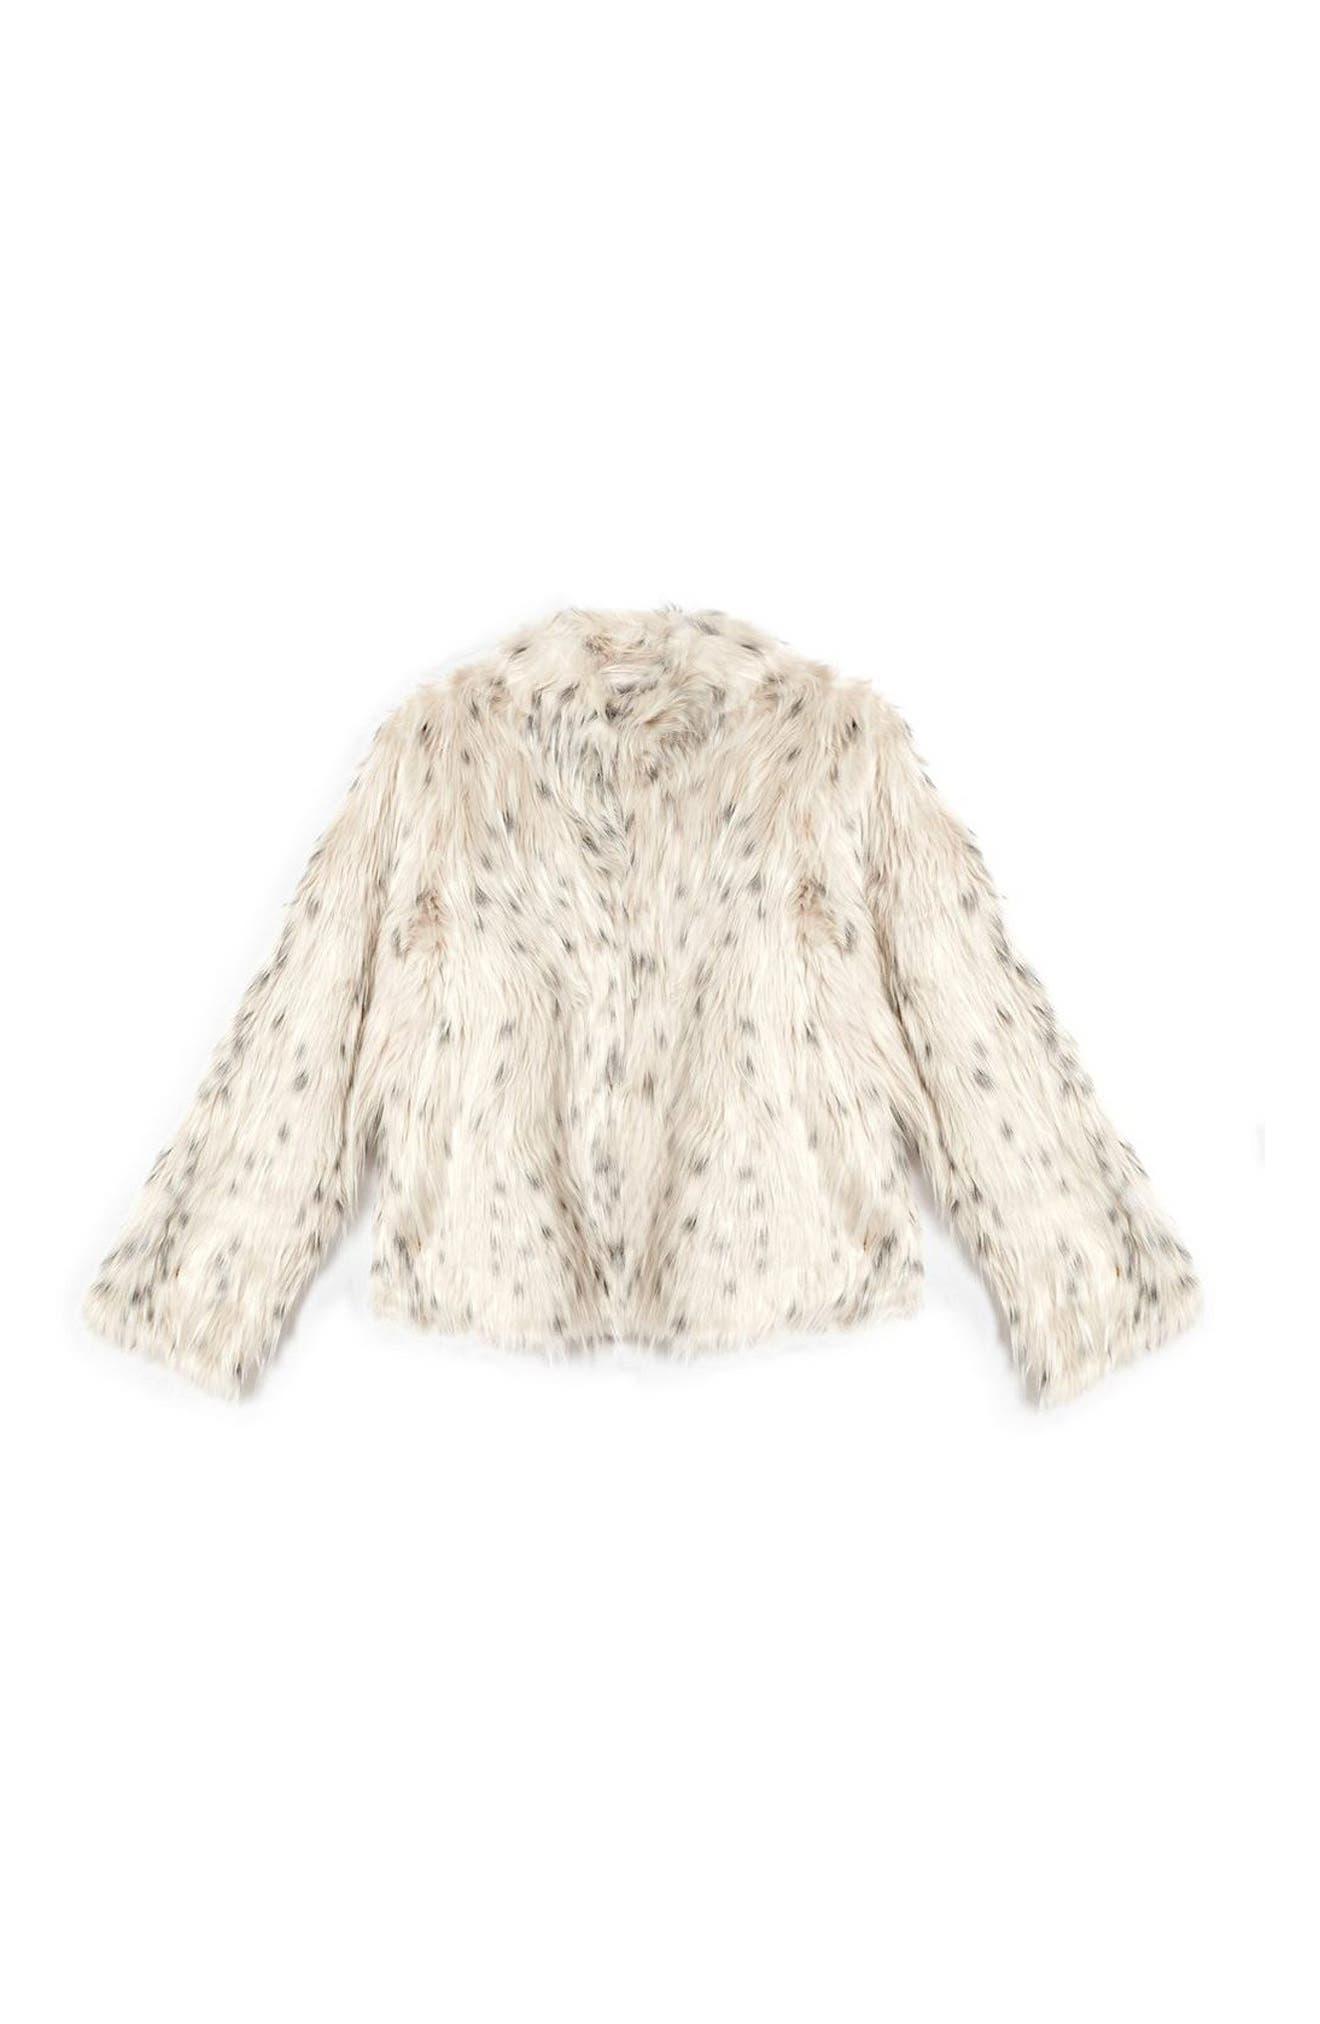 TOPSHOP, Patsy Snow Leopard Faux Fur Jacket, Alternate thumbnail 5, color, 001